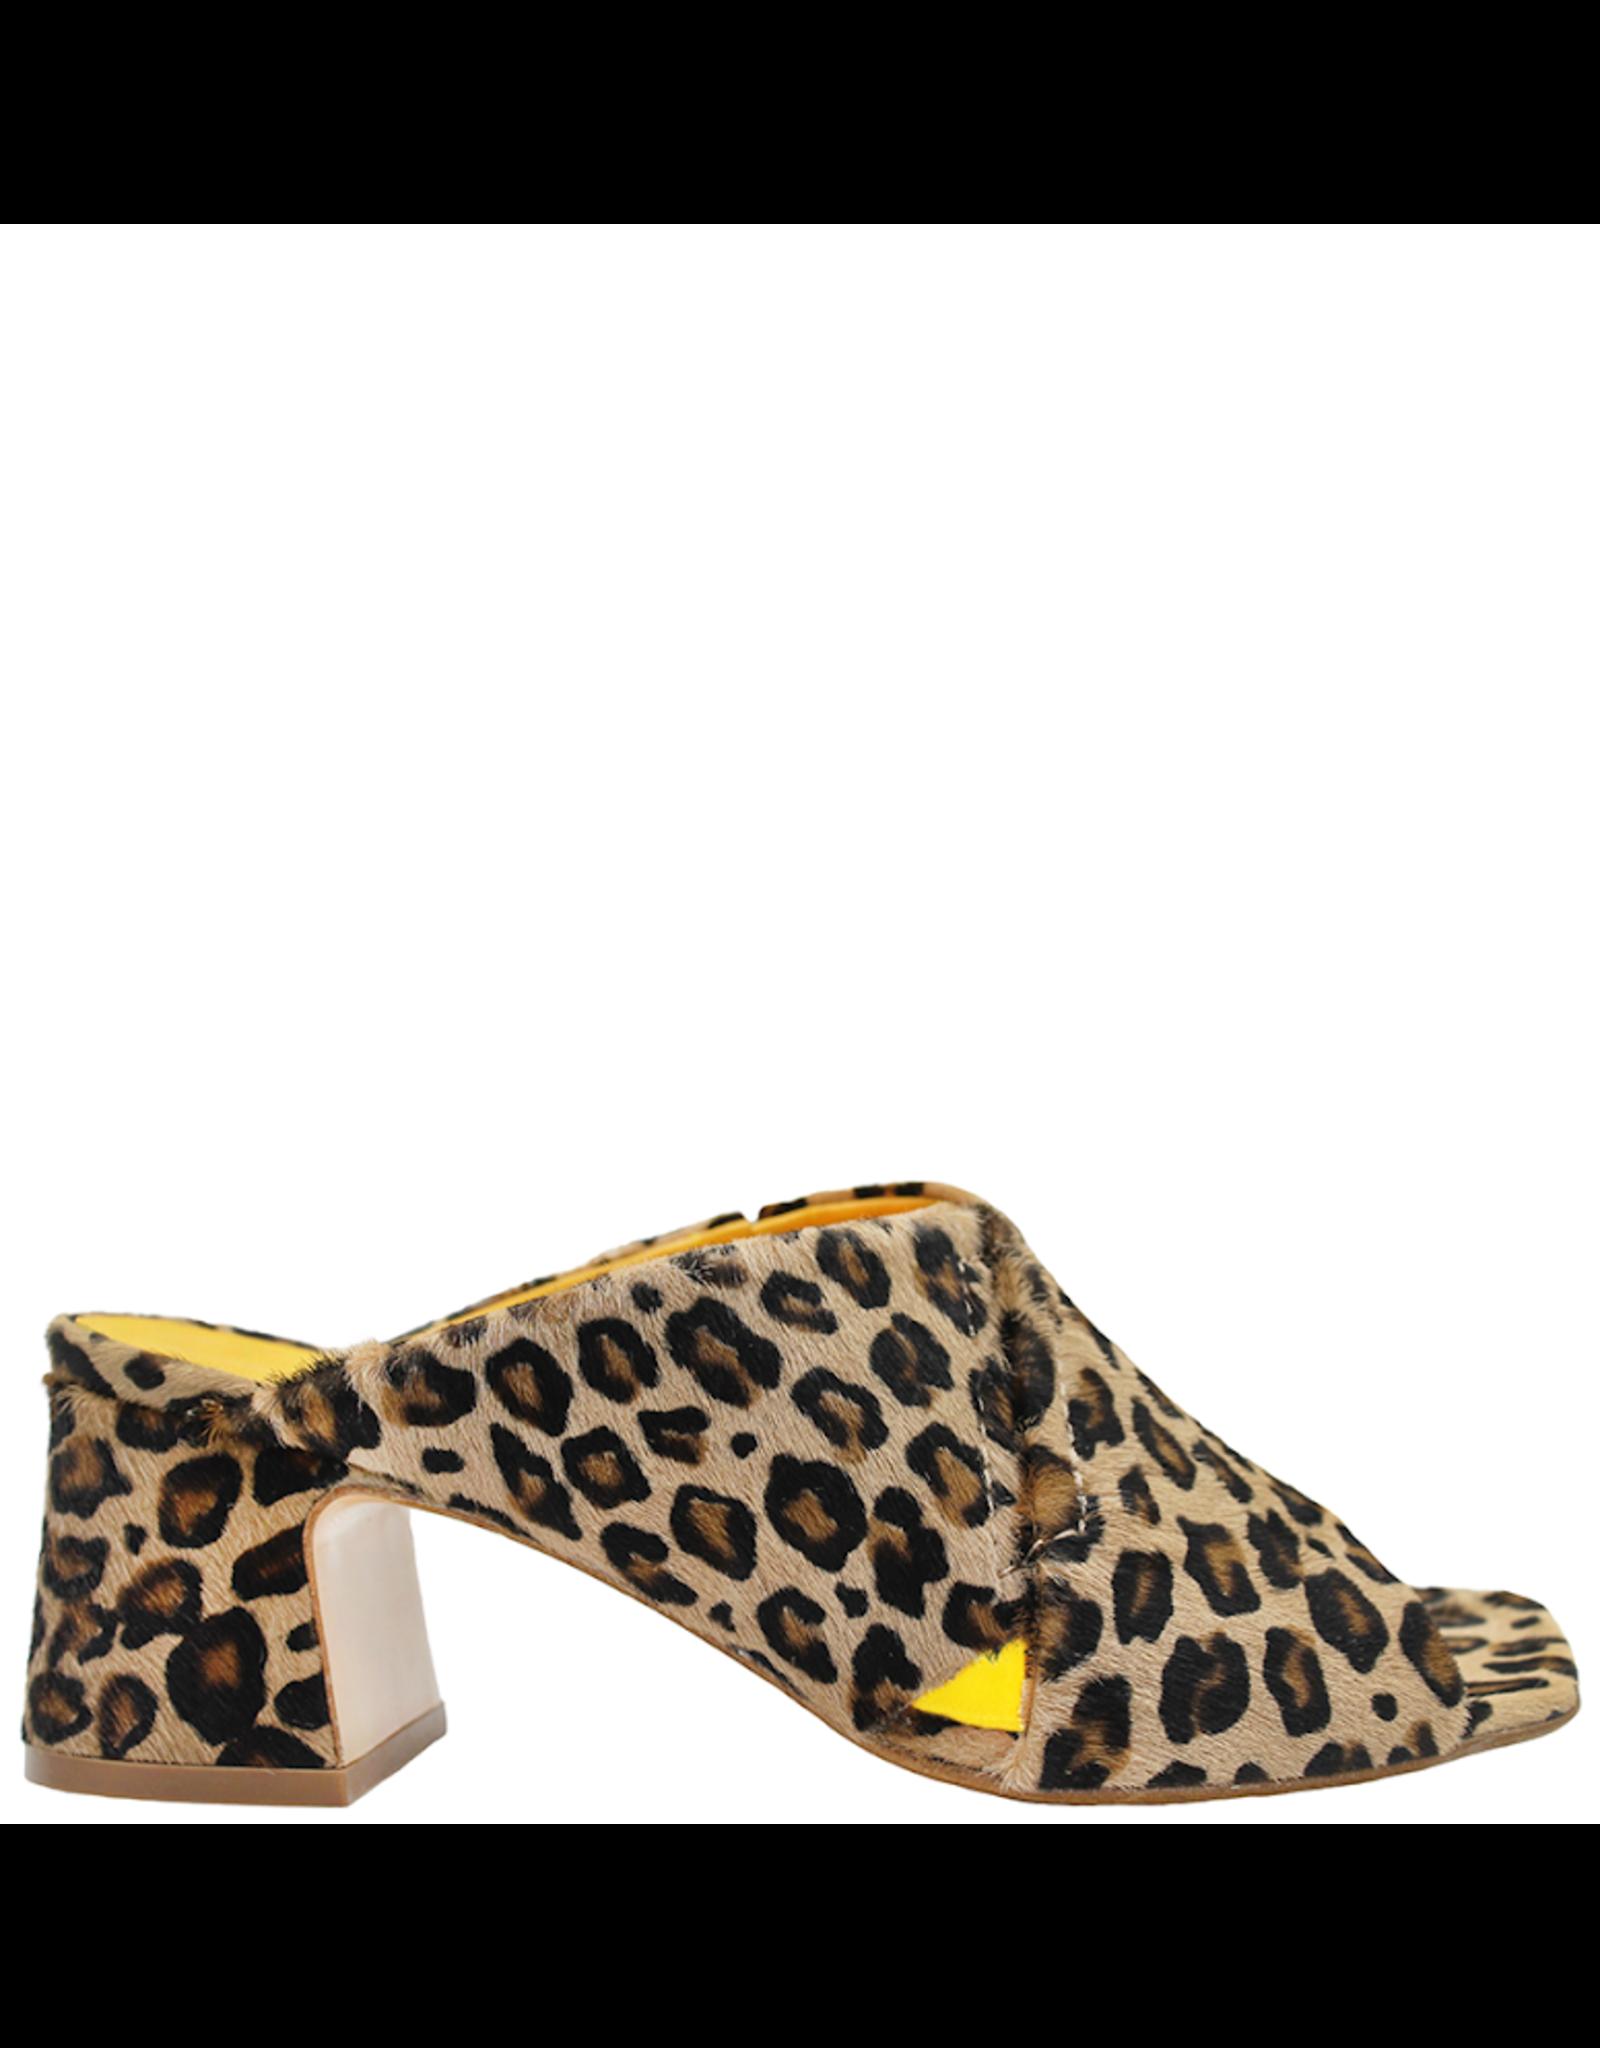 MaraBini MaraBini Cheetah Criss Cross Open Toe Mule 7422 - P-98823